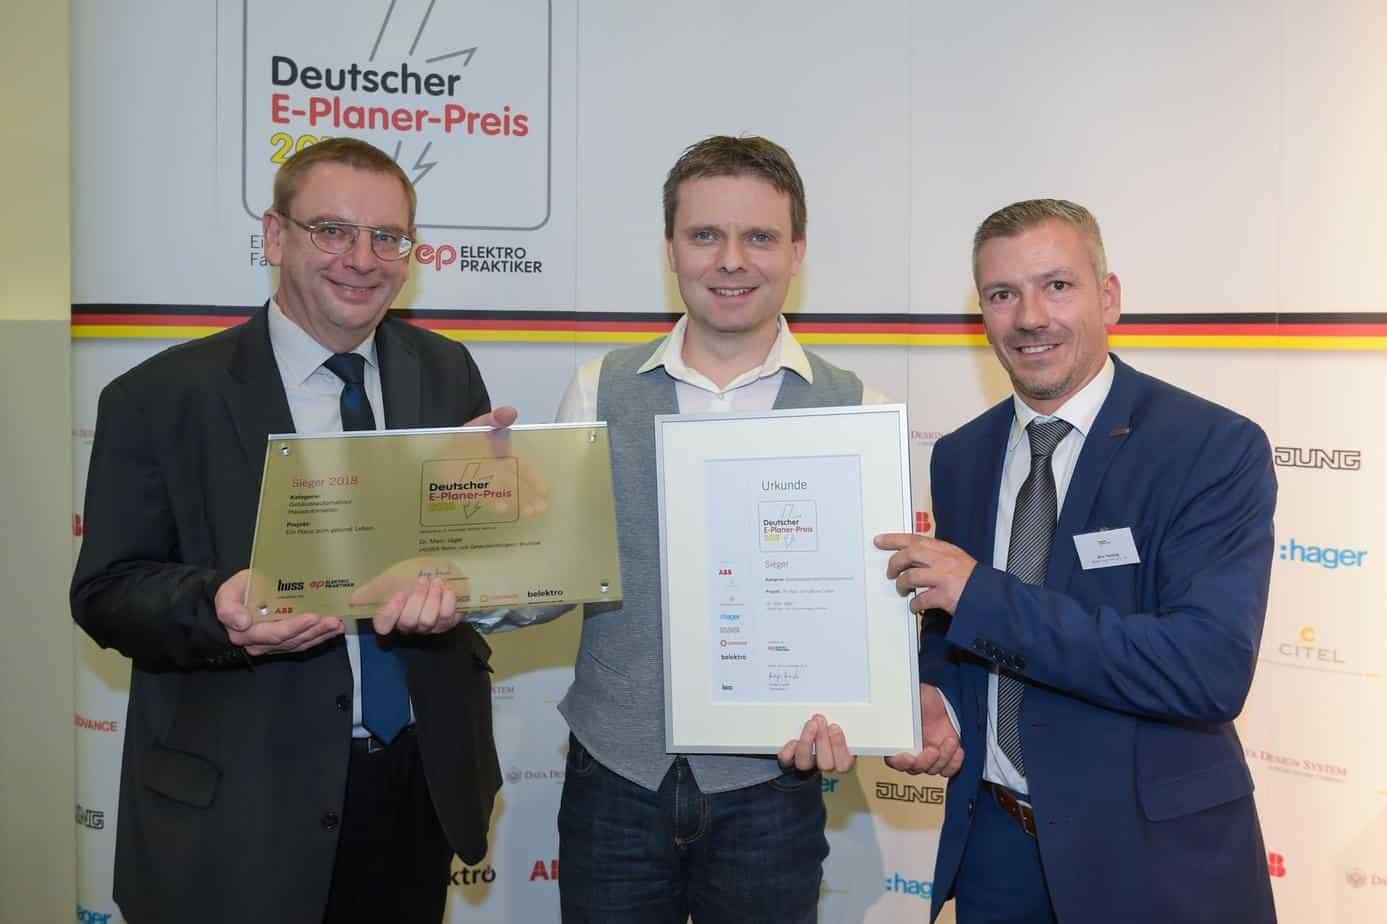 Sieger E-Planer-Preis 2018